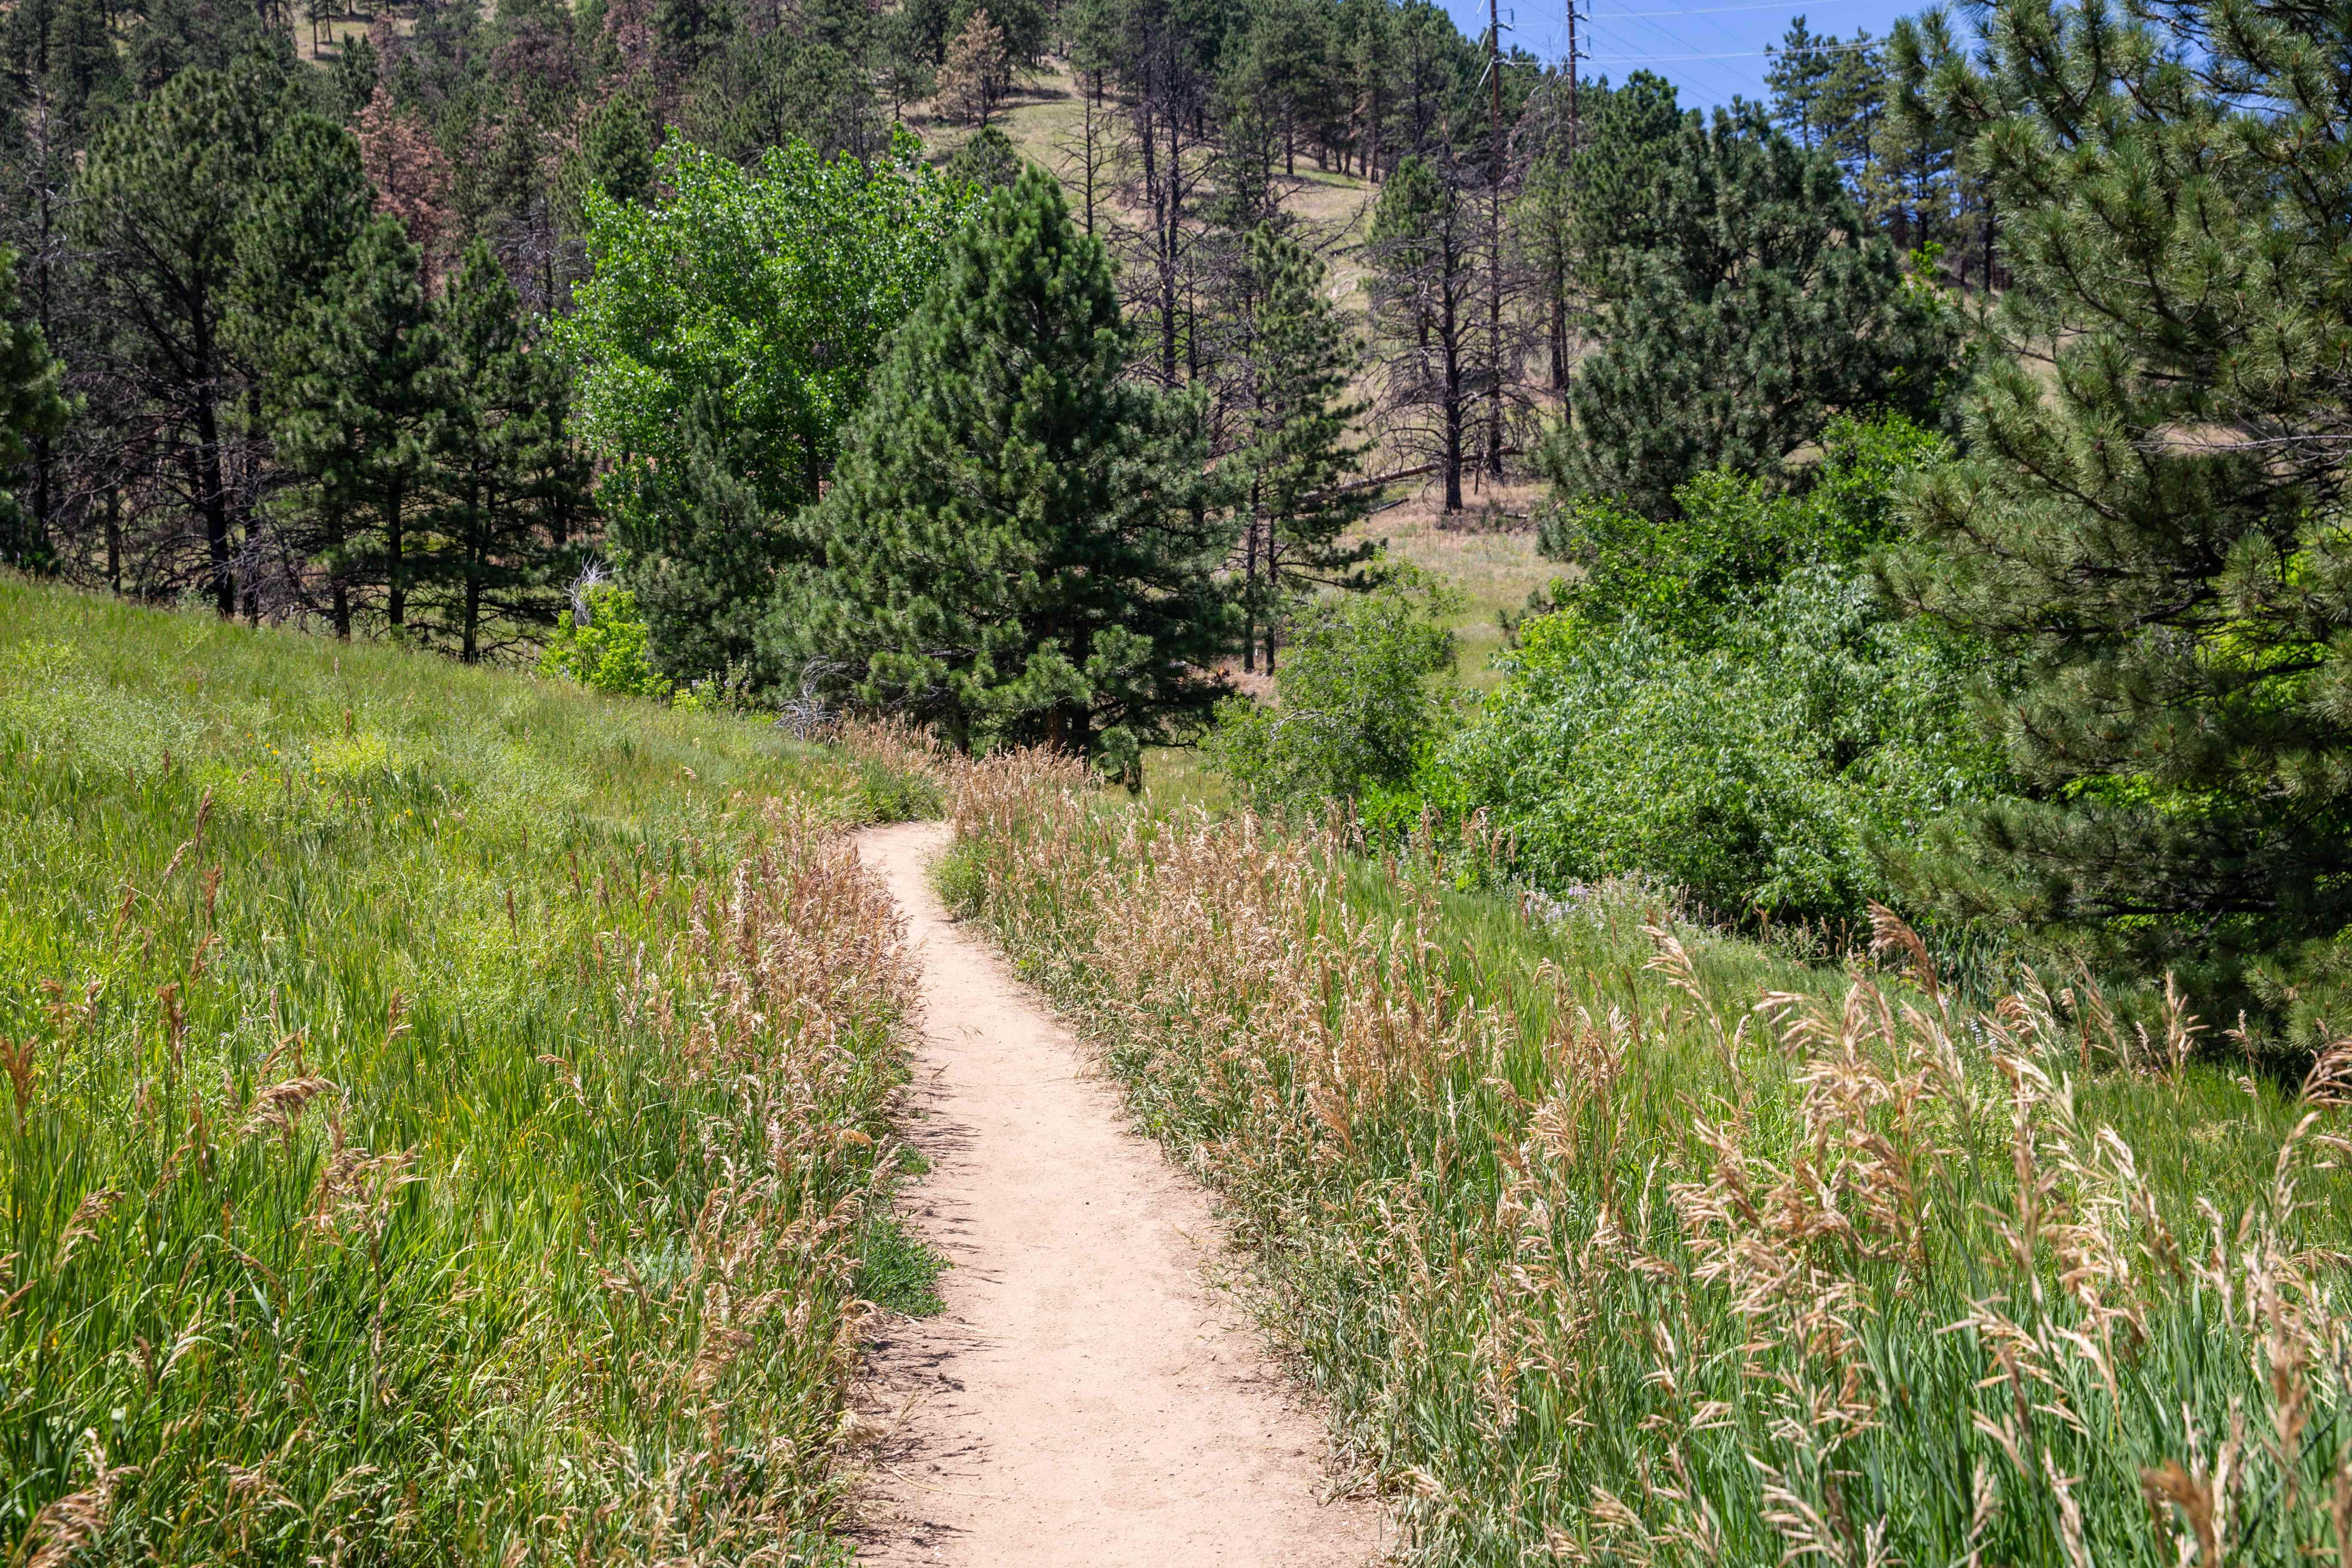 Mount Sanitas in Boulder, Colorado